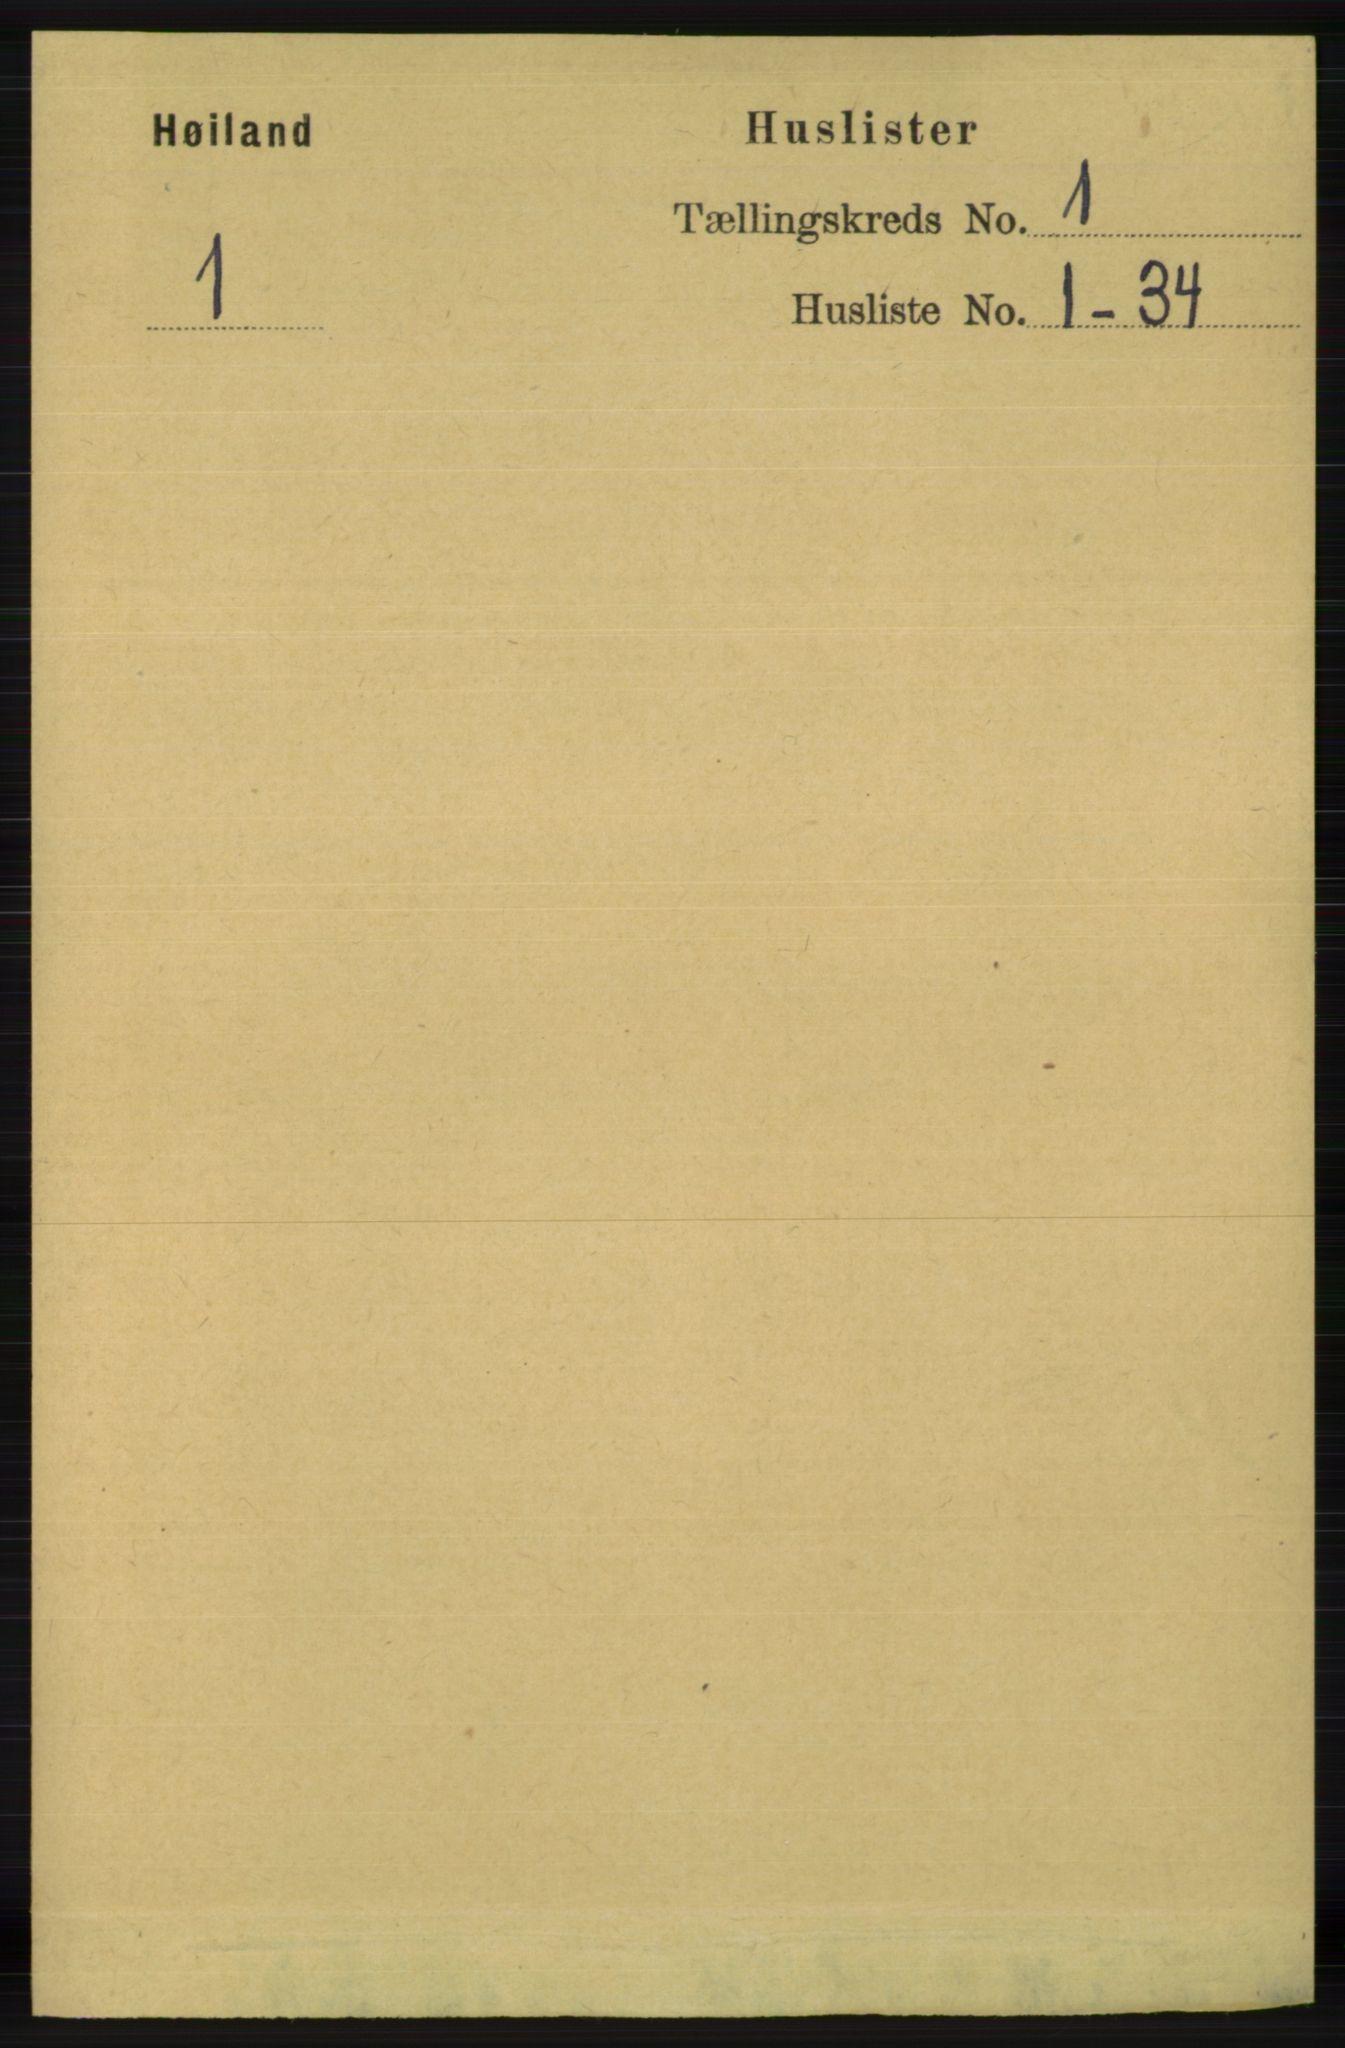 RA, Folketelling 1891 for 1123 Høyland herred, 1891, s. 27